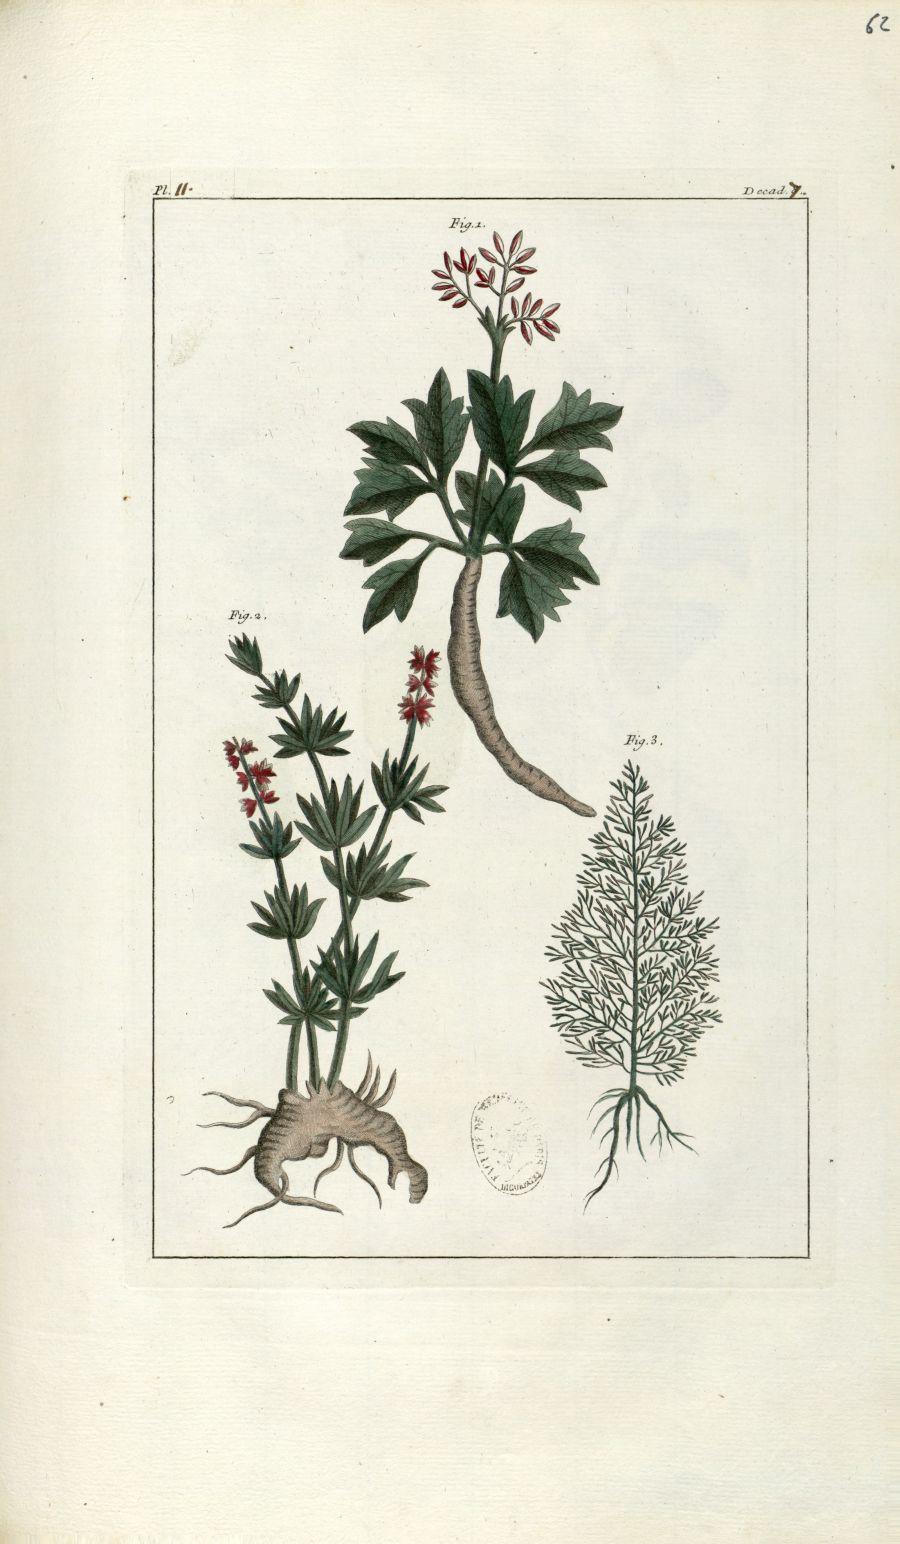 Planche II. Decad. 7 - Herbier ou collection des plantes médicinales de la Chine d'après un manuscri [...] - Botanique. Plantes (médecine). Chine. 18e siècle - med01989x0065